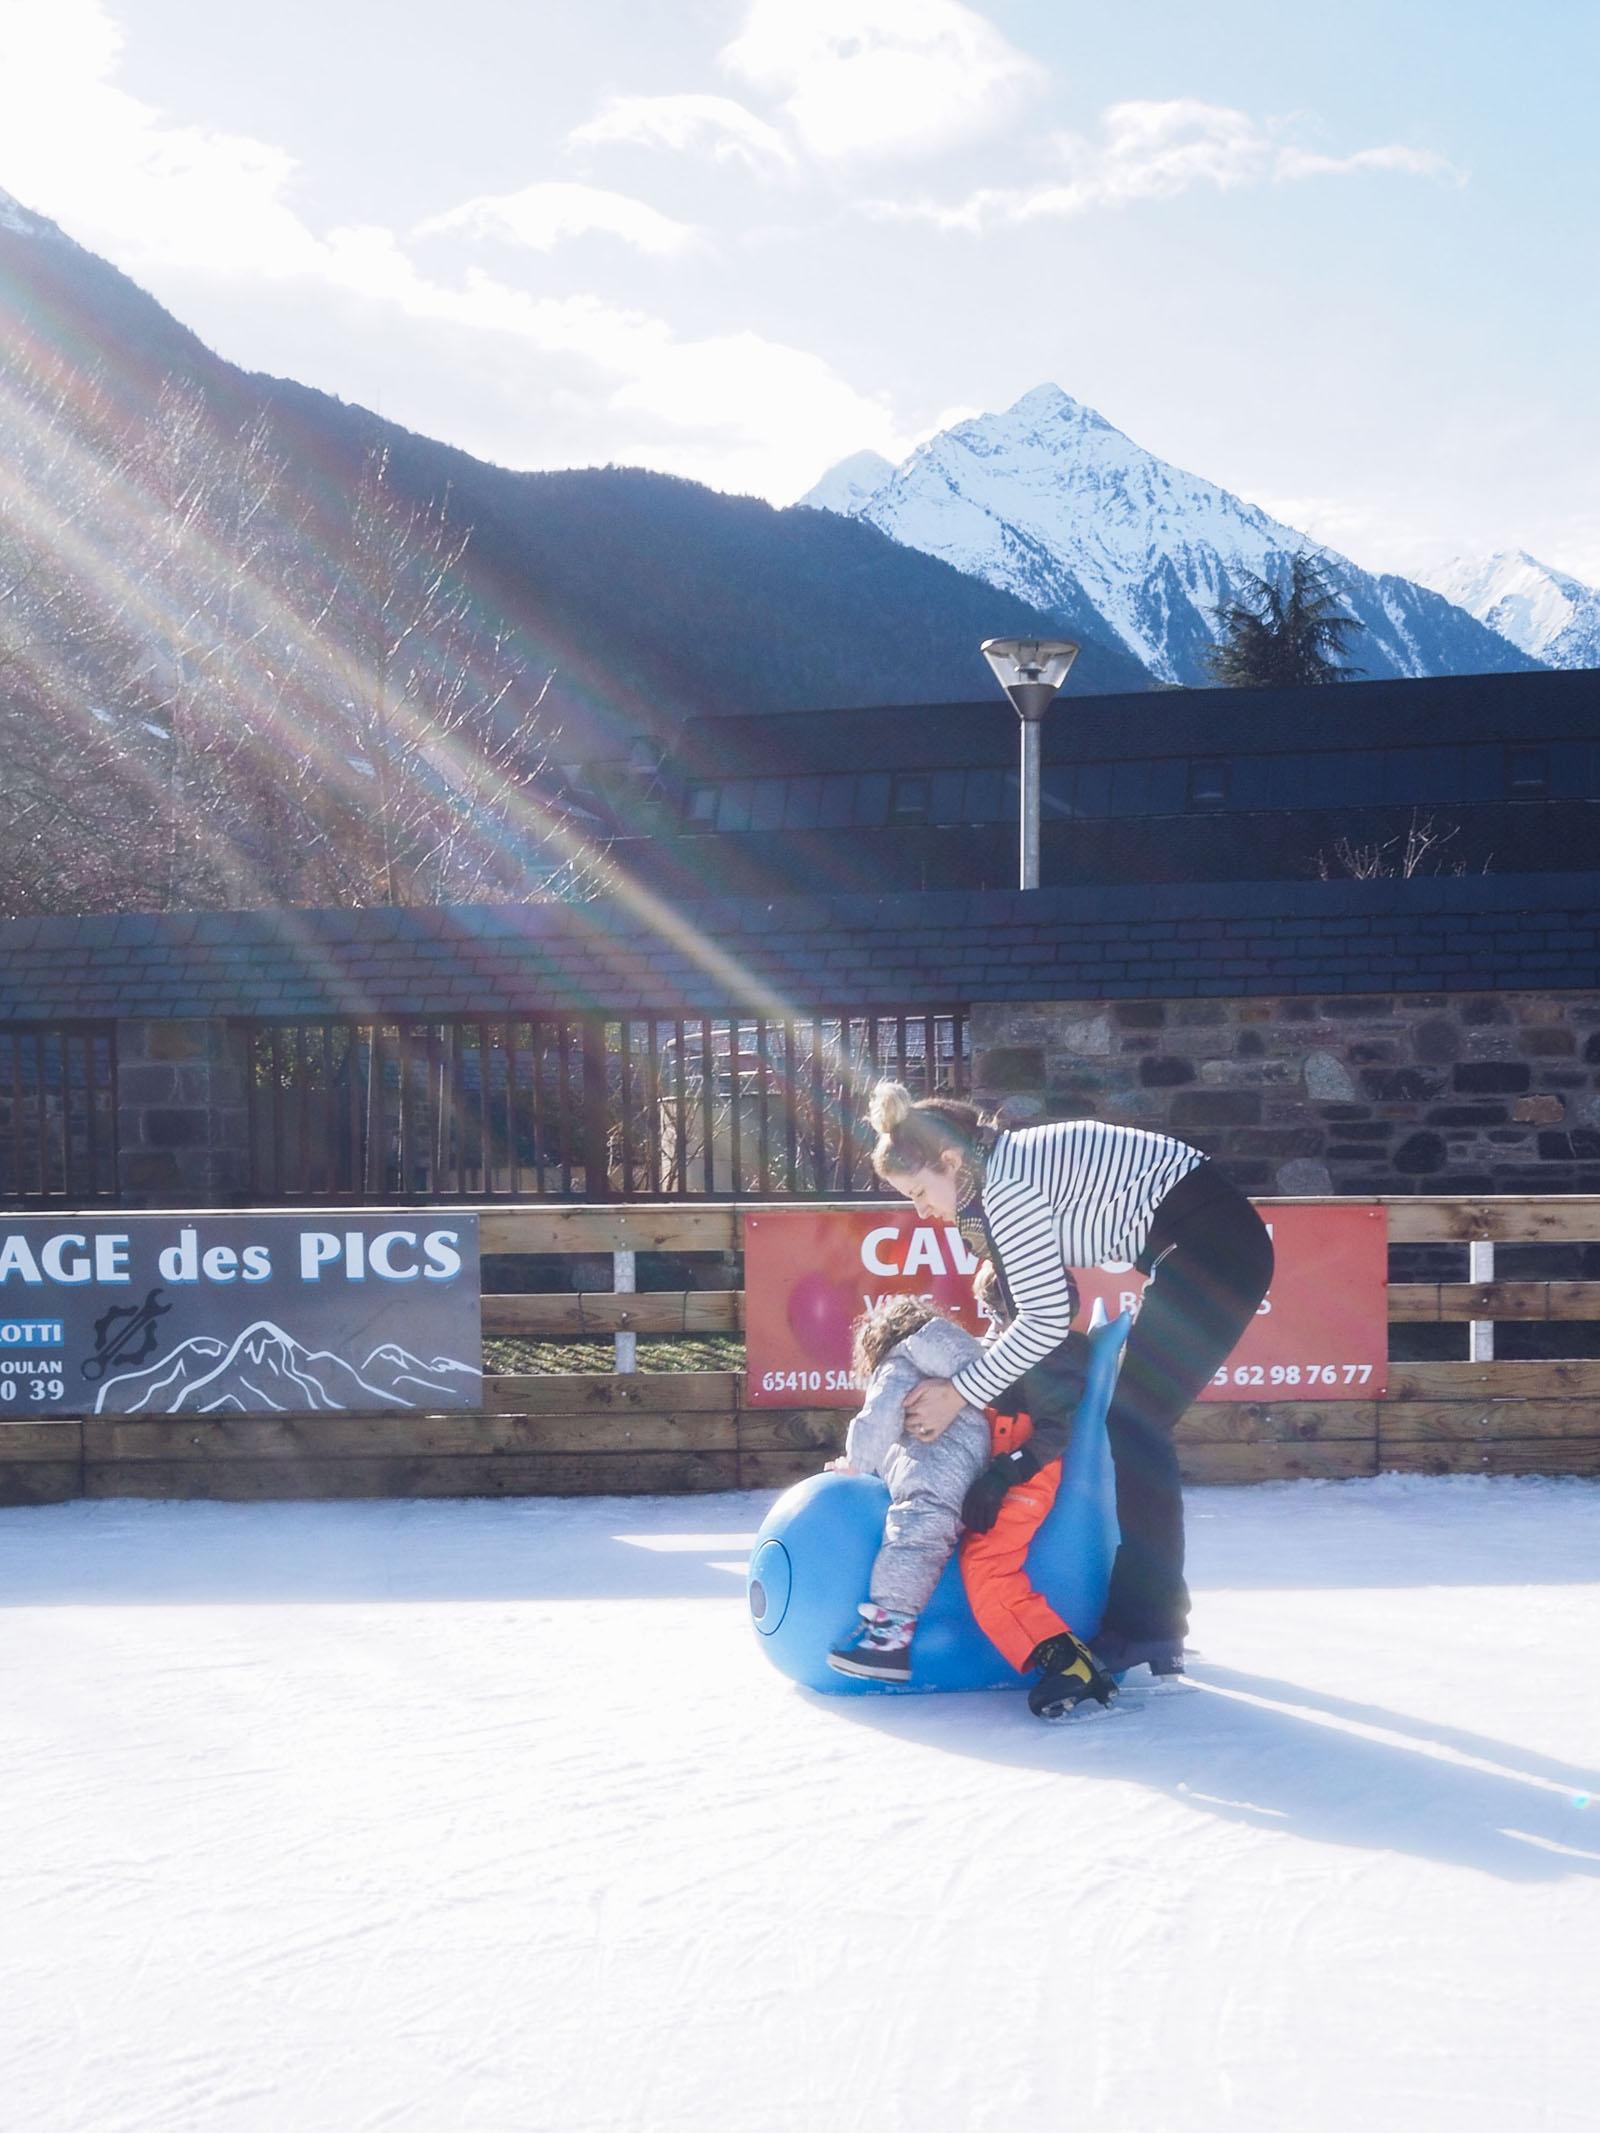 Vacances au ski en famille Hautes Pyrenees bonnes adresses hotel station l La Fiancee du Panda blog mariage et lifestyle-1038417